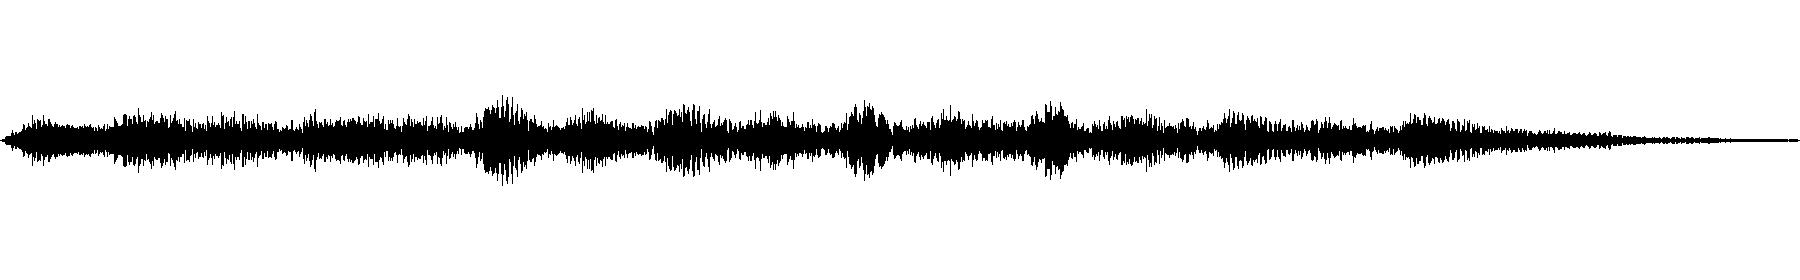 arp 2